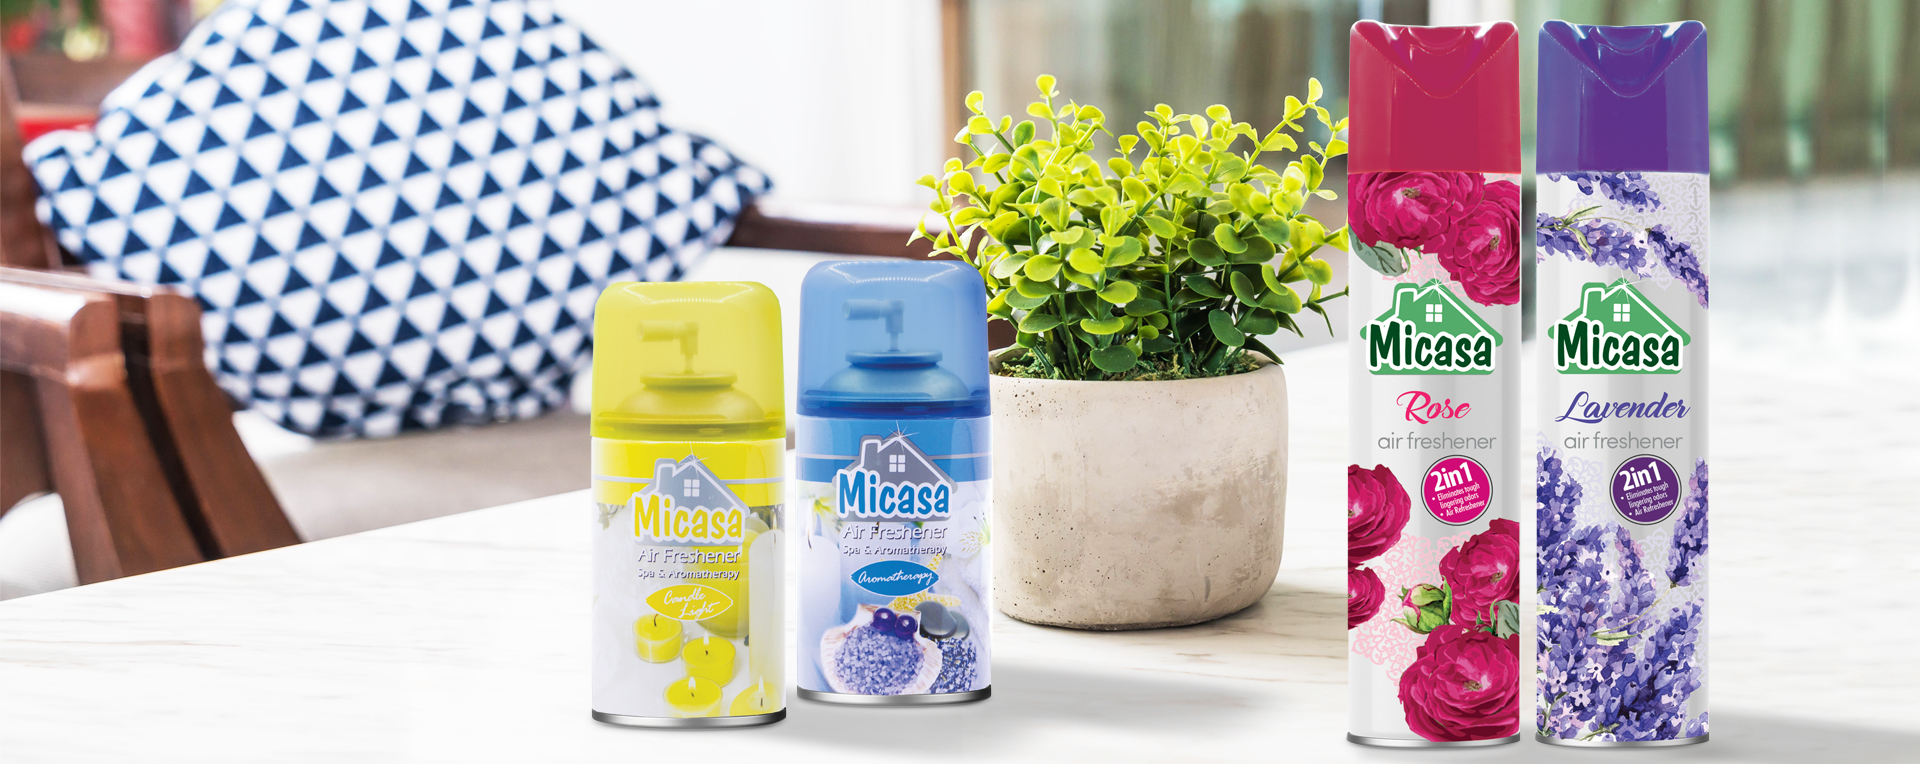 Micasa 300 ml